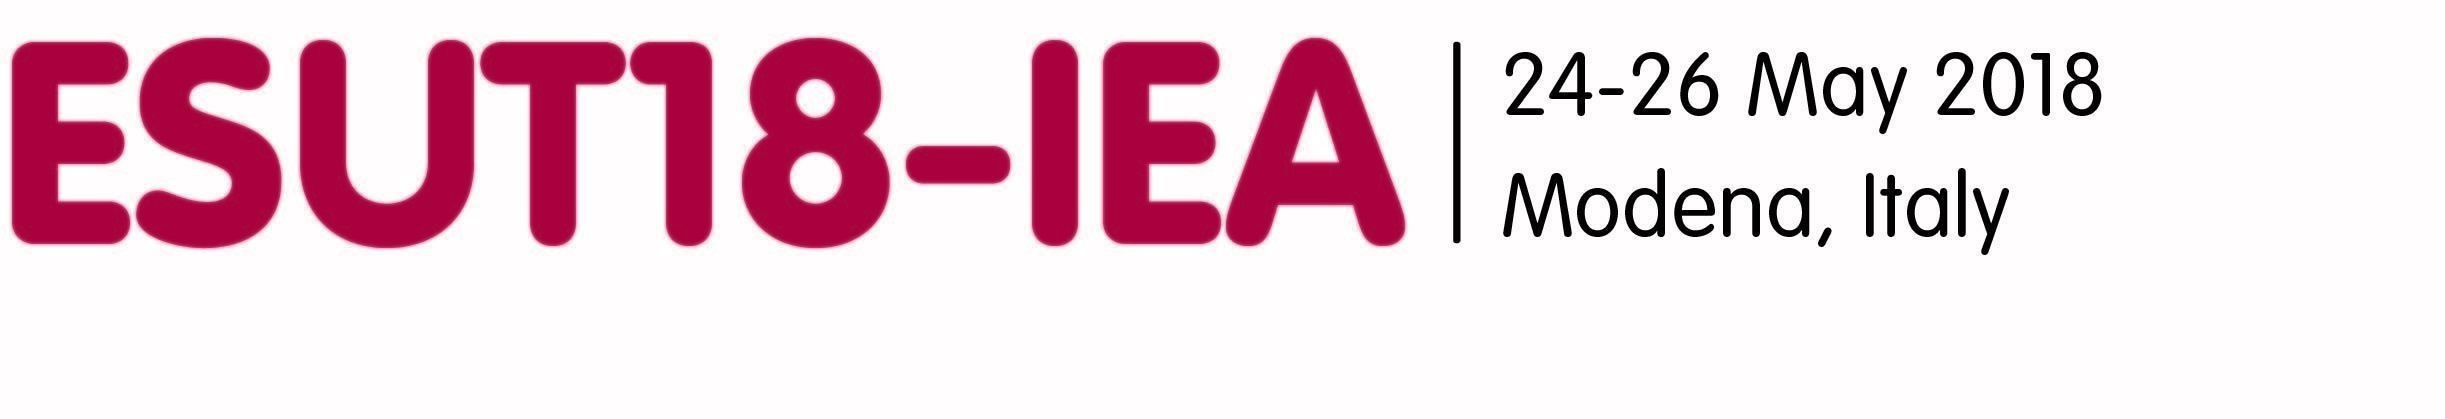 ESUT18-IEA